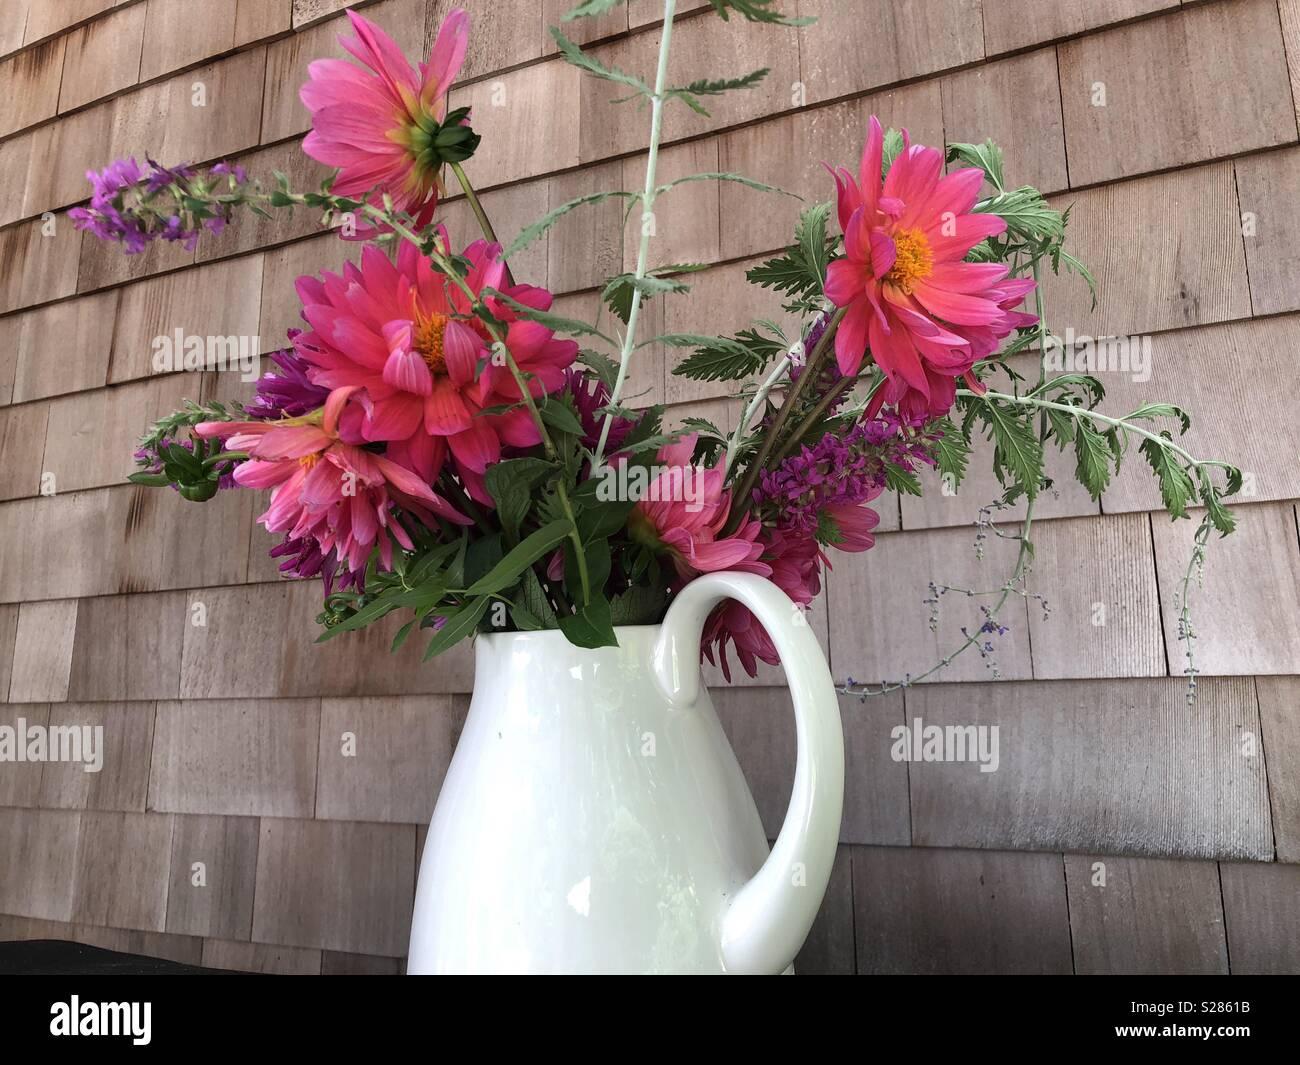 Un jarrón y algunas flores pueden cambiar el ambiente para el mejor. Imagen De Stock